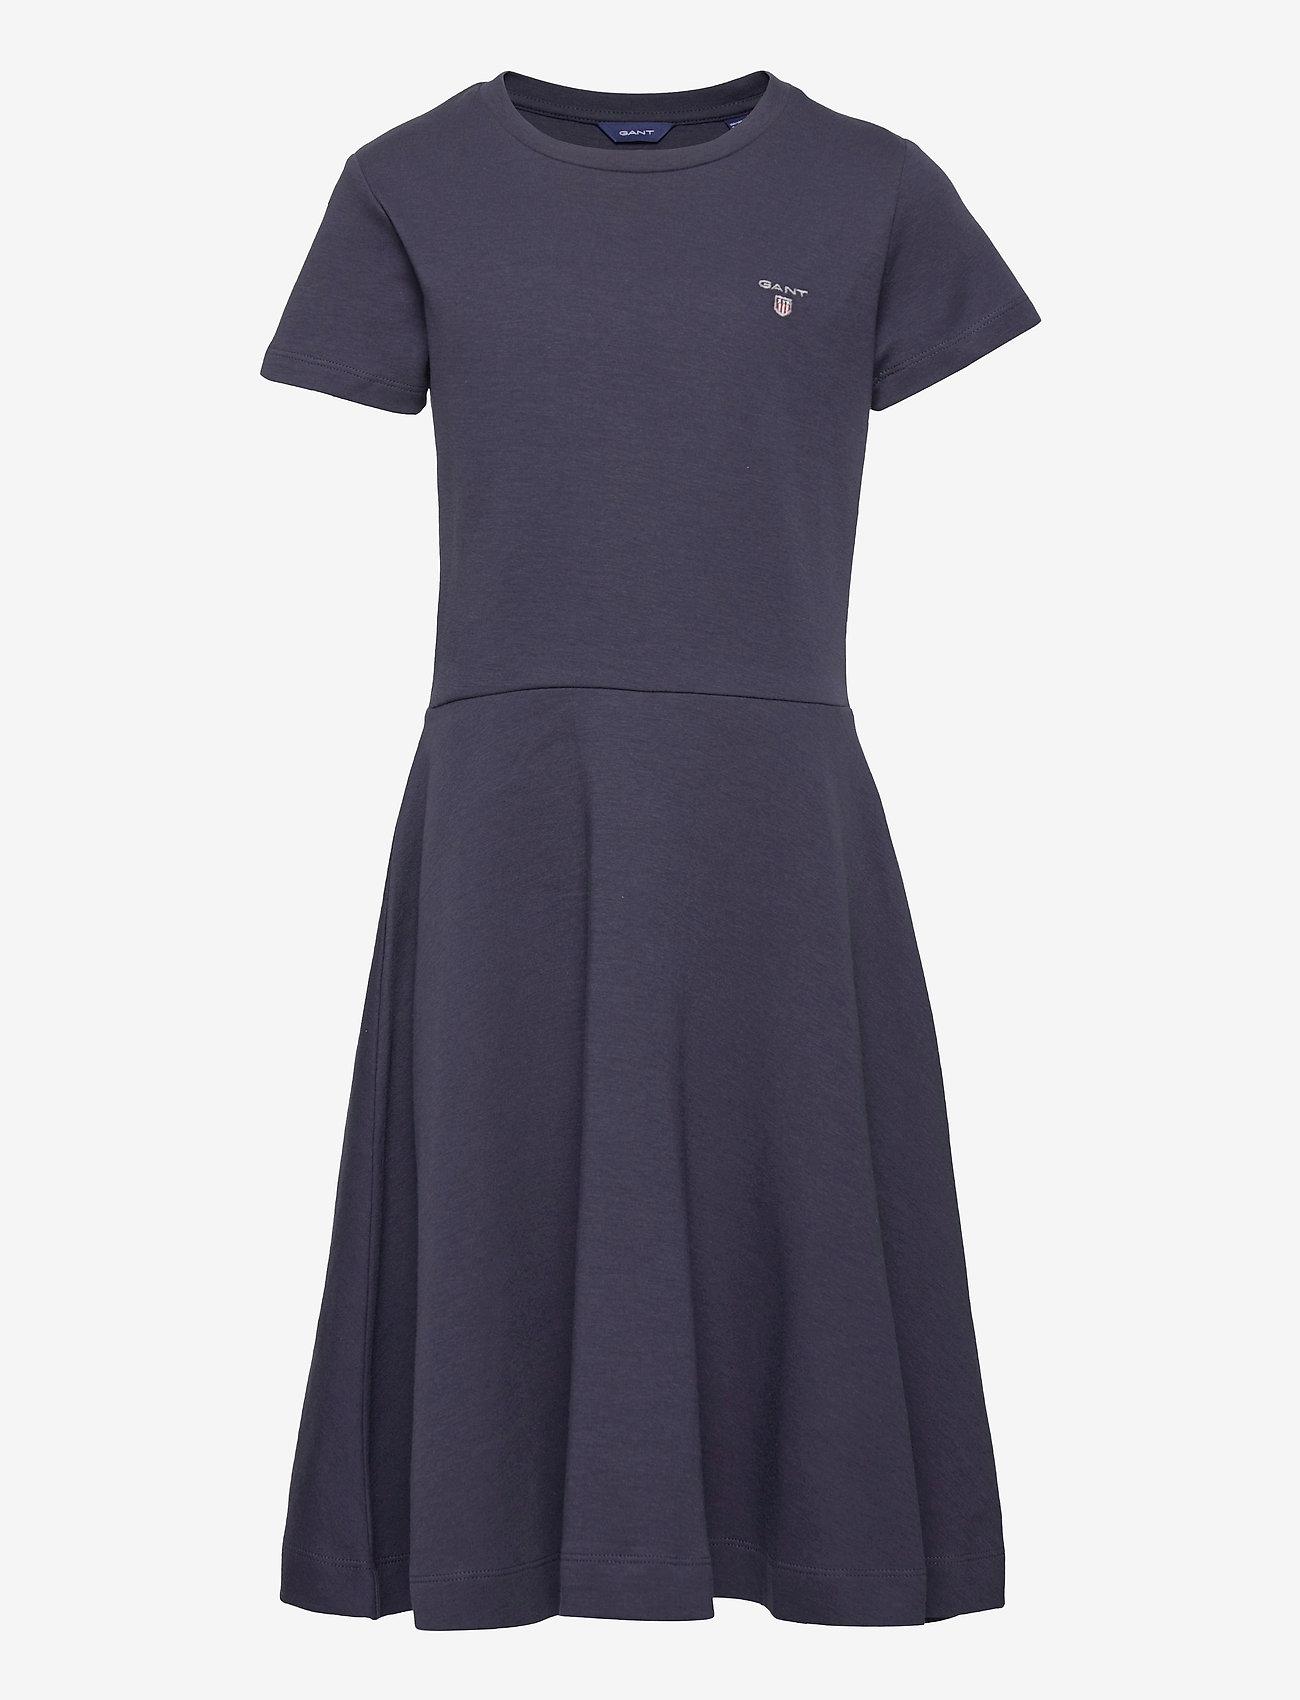 GANT - D1. ORIGINAL JERSEY DRESS - jurken - evening blue - 0